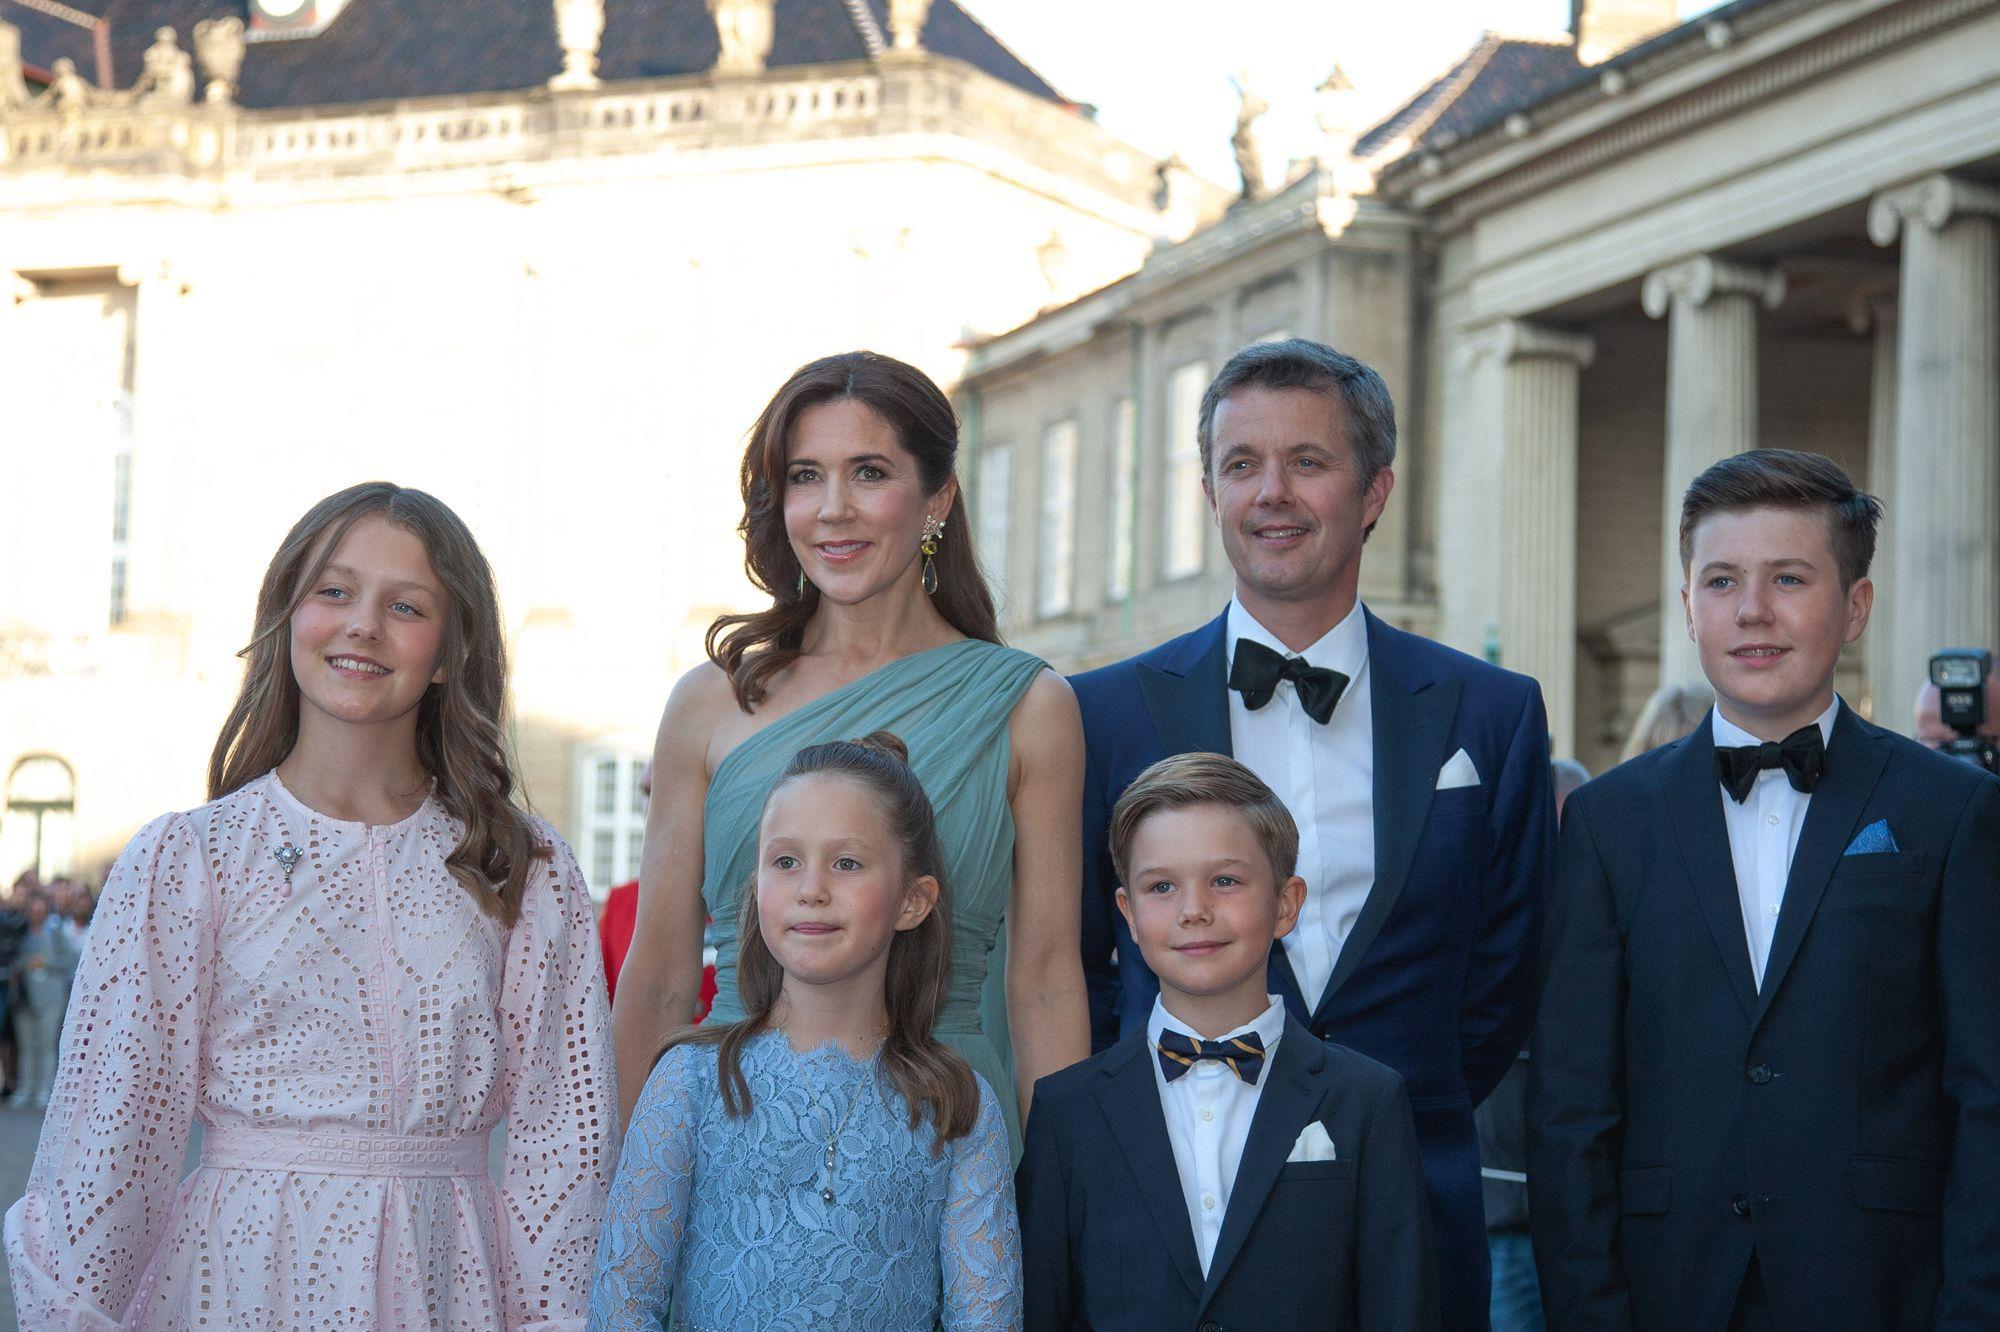 Les quatre enfants de Mary et Frederik vont aller à l'école en Suisse